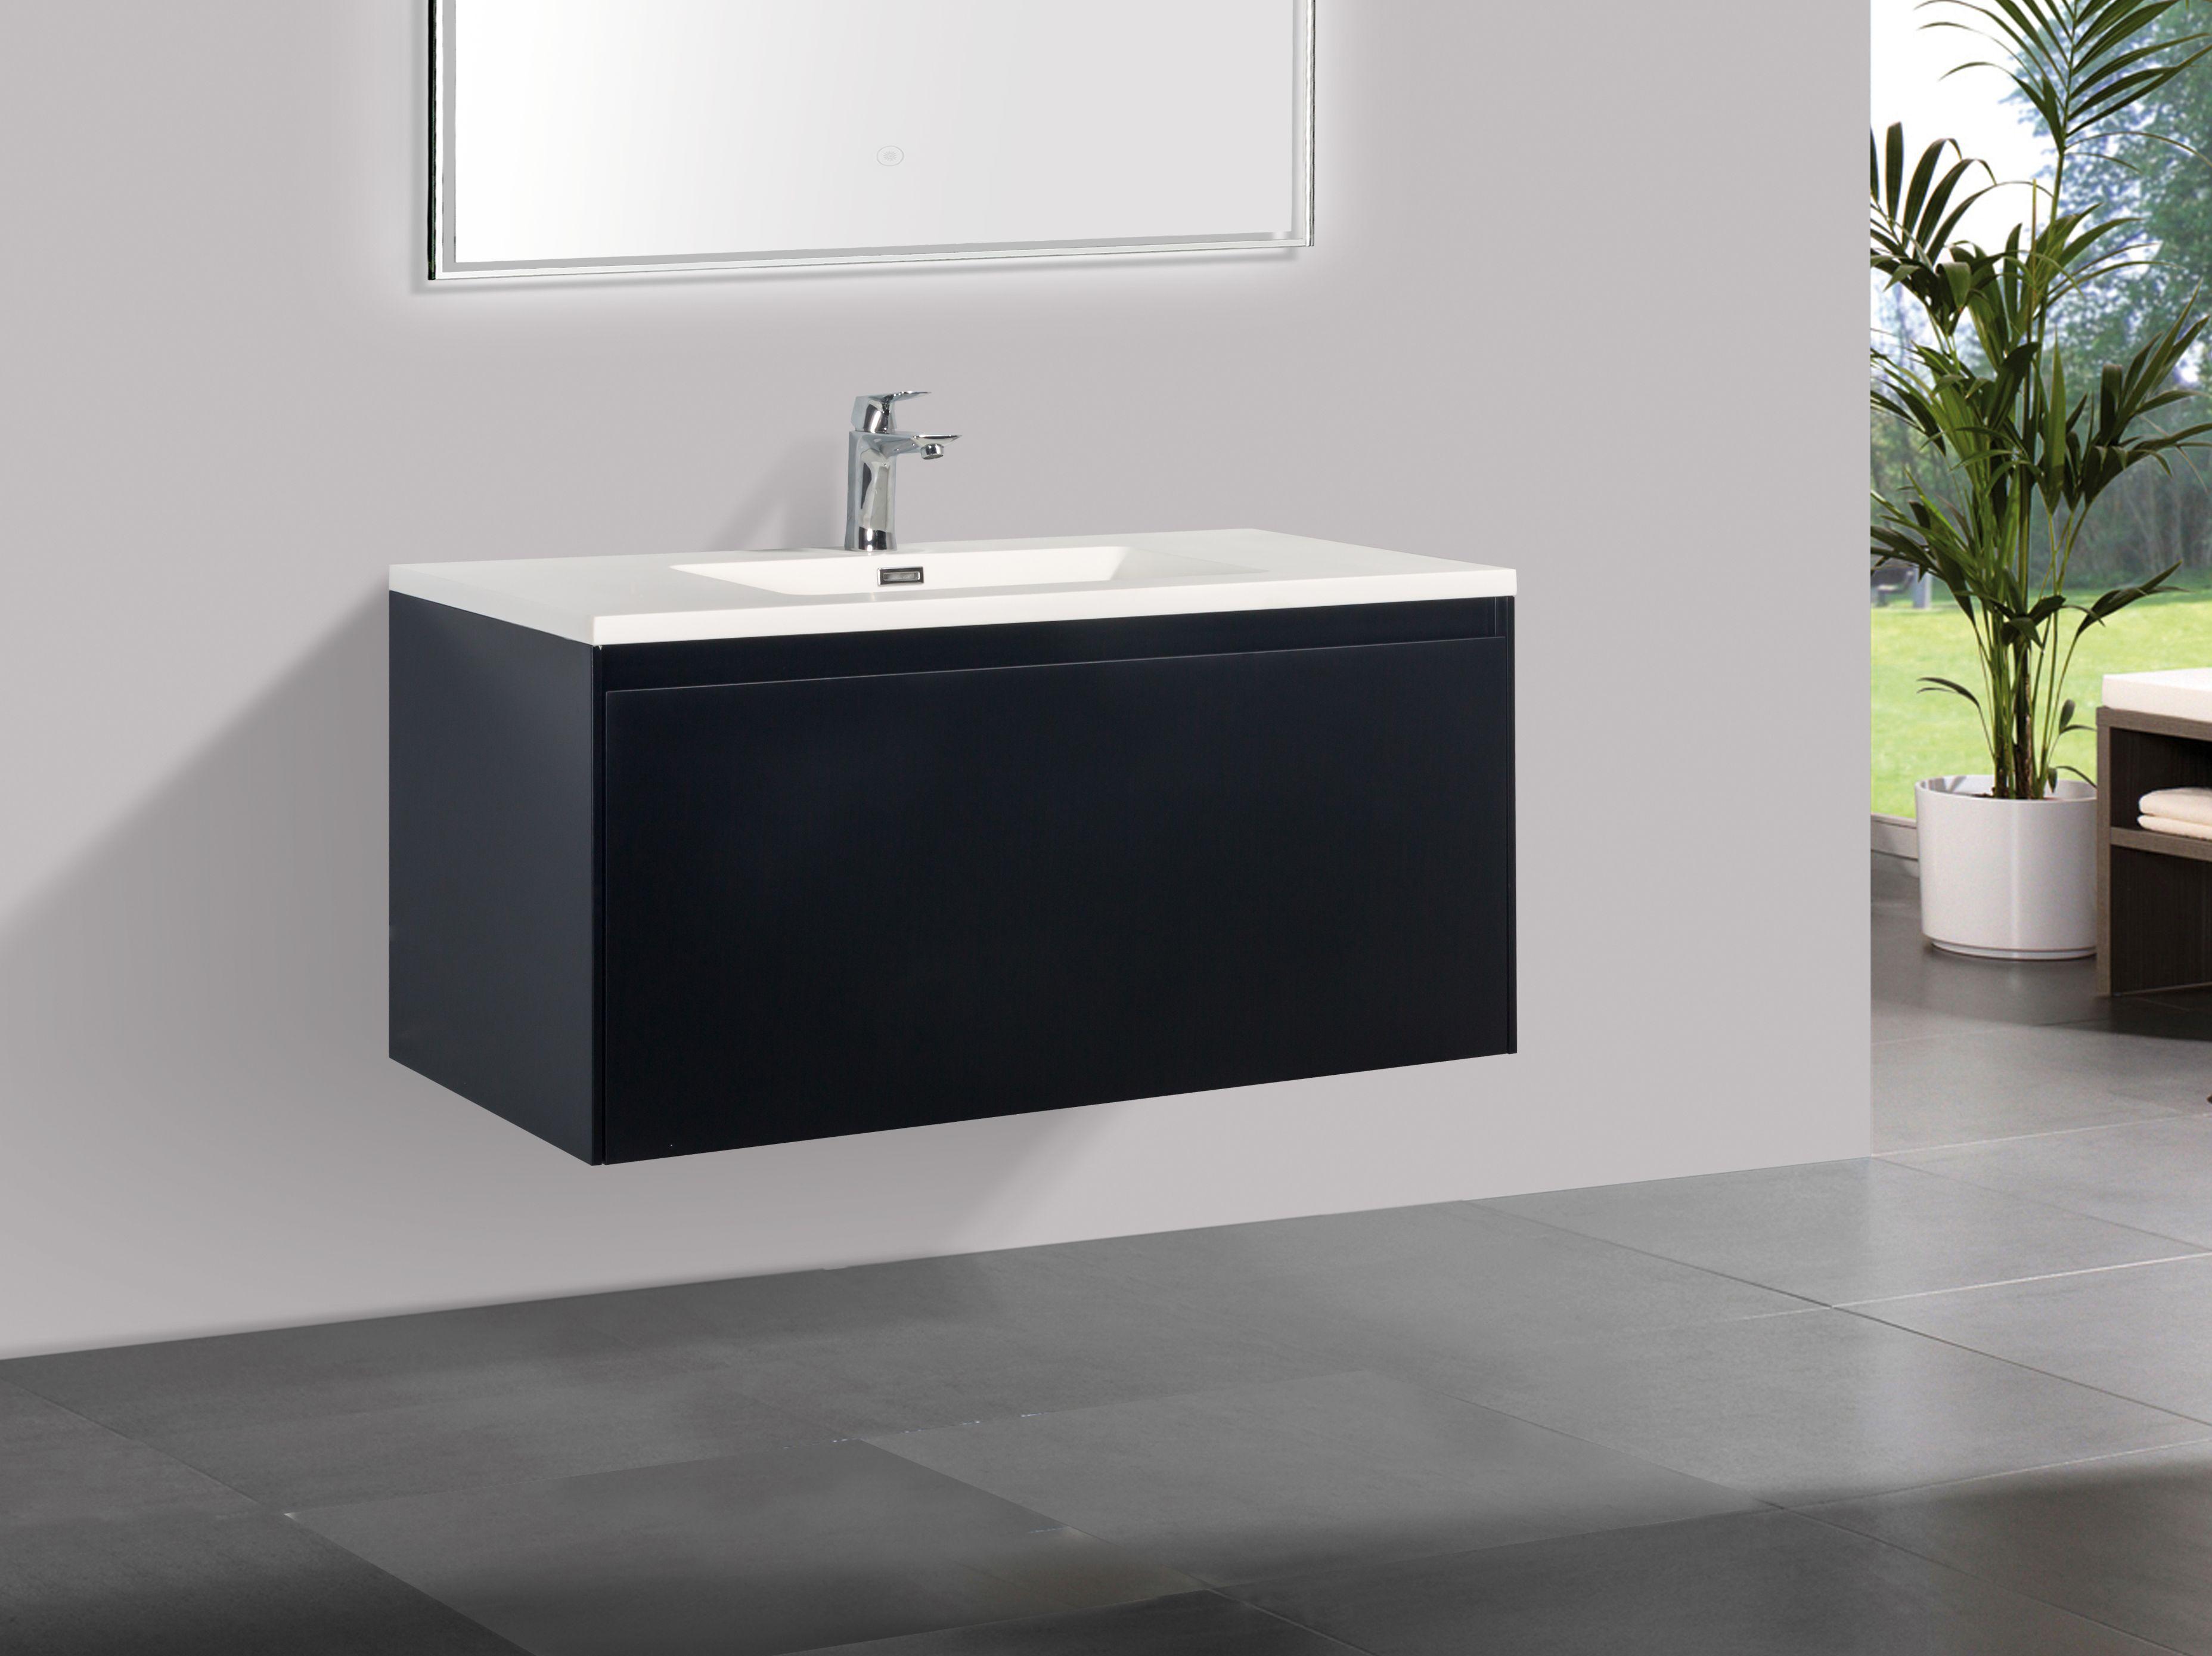 Badmöbel Unterschrank inkl. Waschtisch STRAGALA 100 (matt-schwarz)